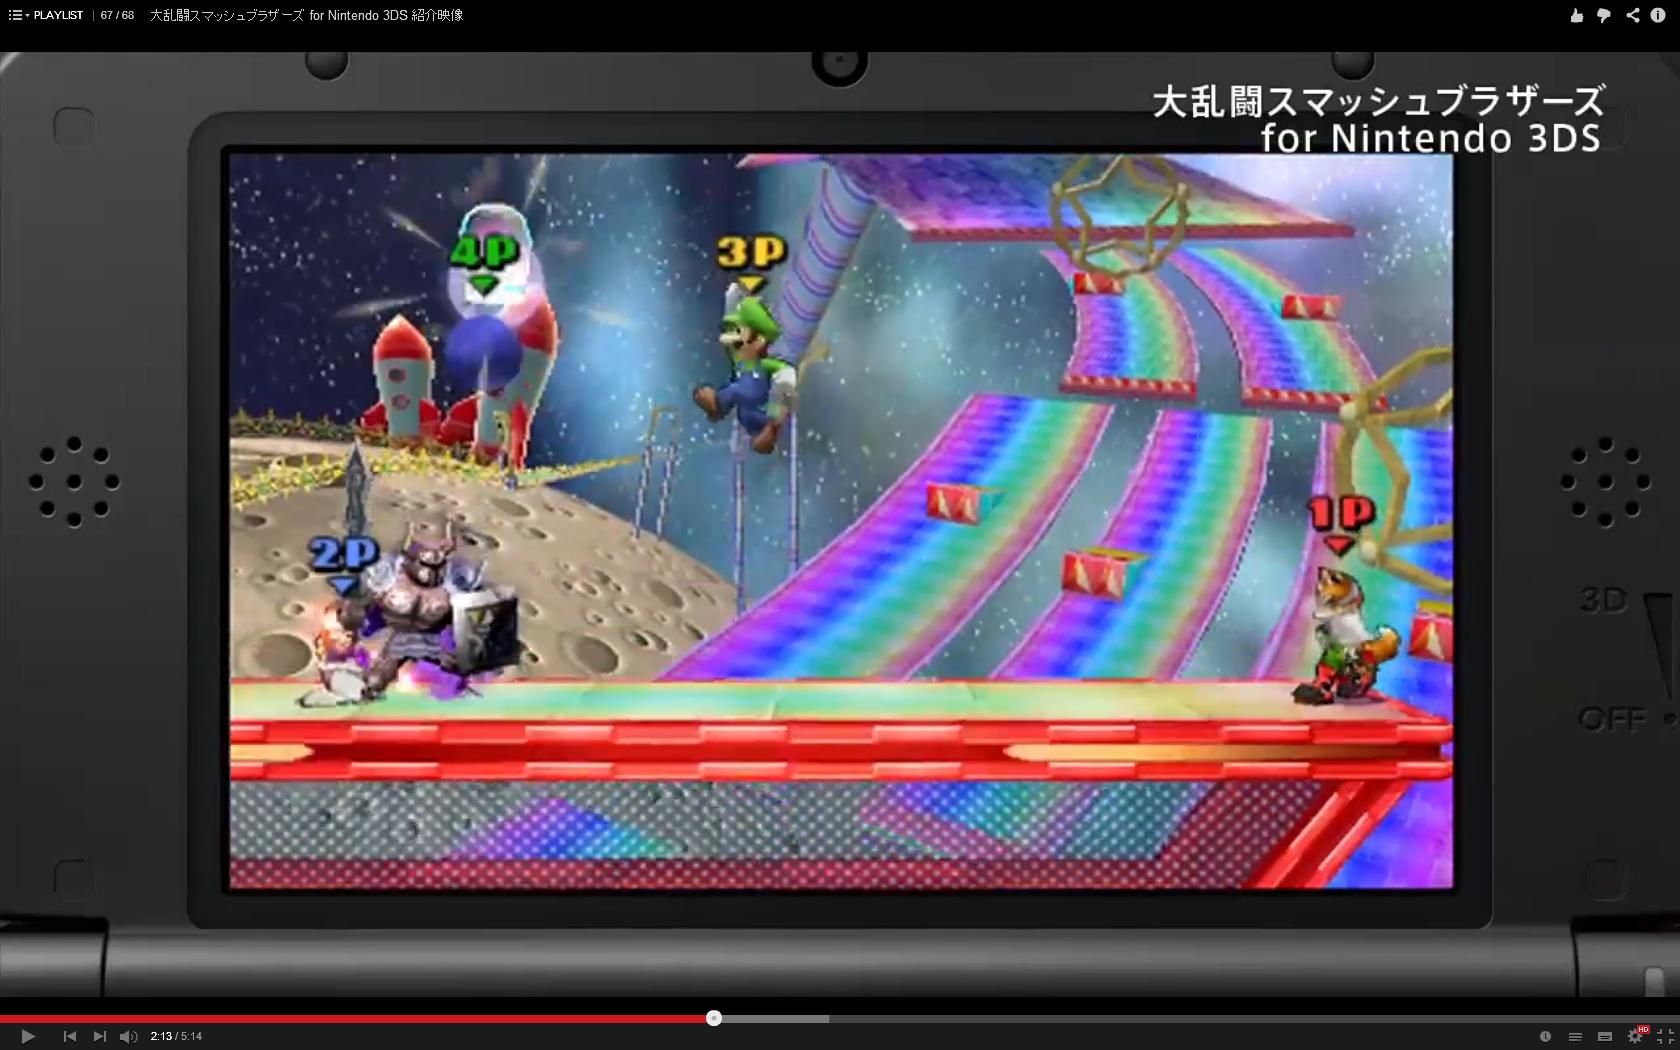 [Officiel] Liste des stages 3DS + nouvelle vidéo 1409319665029965200